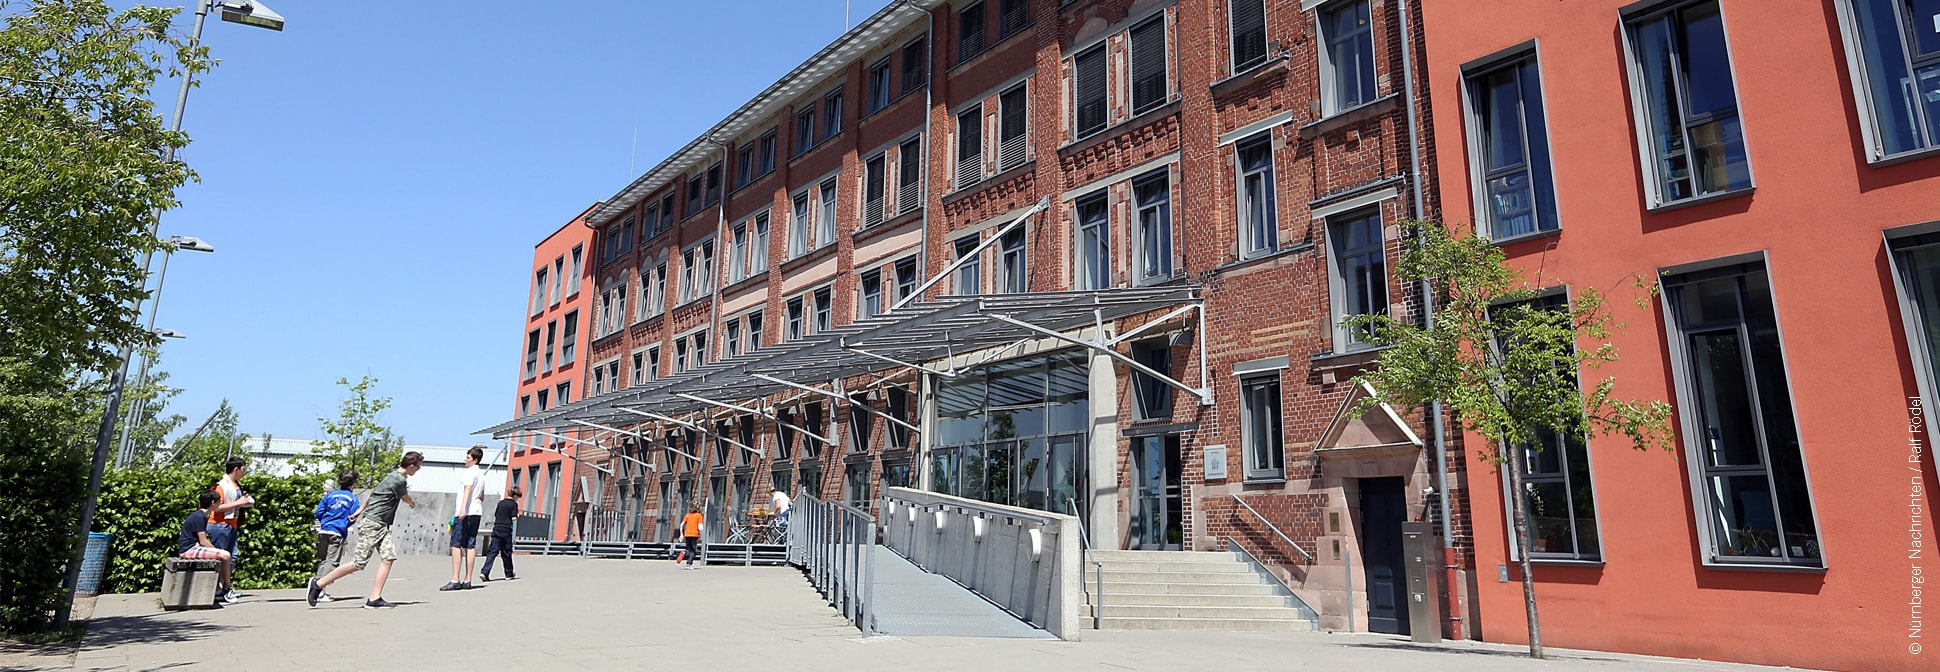 Adolf-Reichwein-Schule, Nürnberg - Eingang